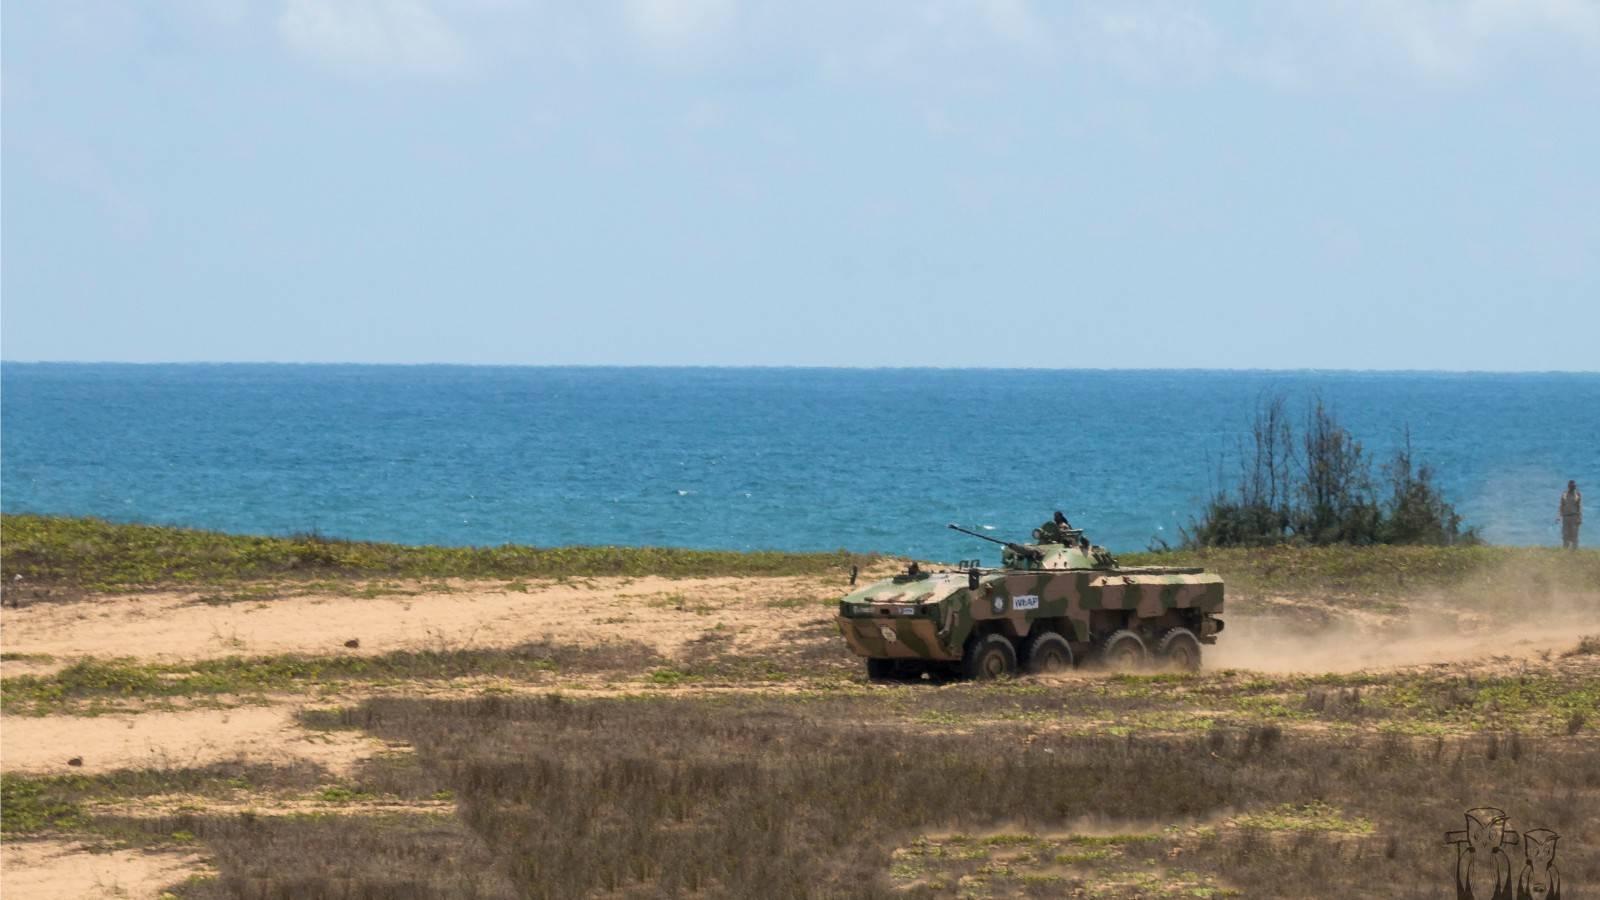 chennai defence expo tank